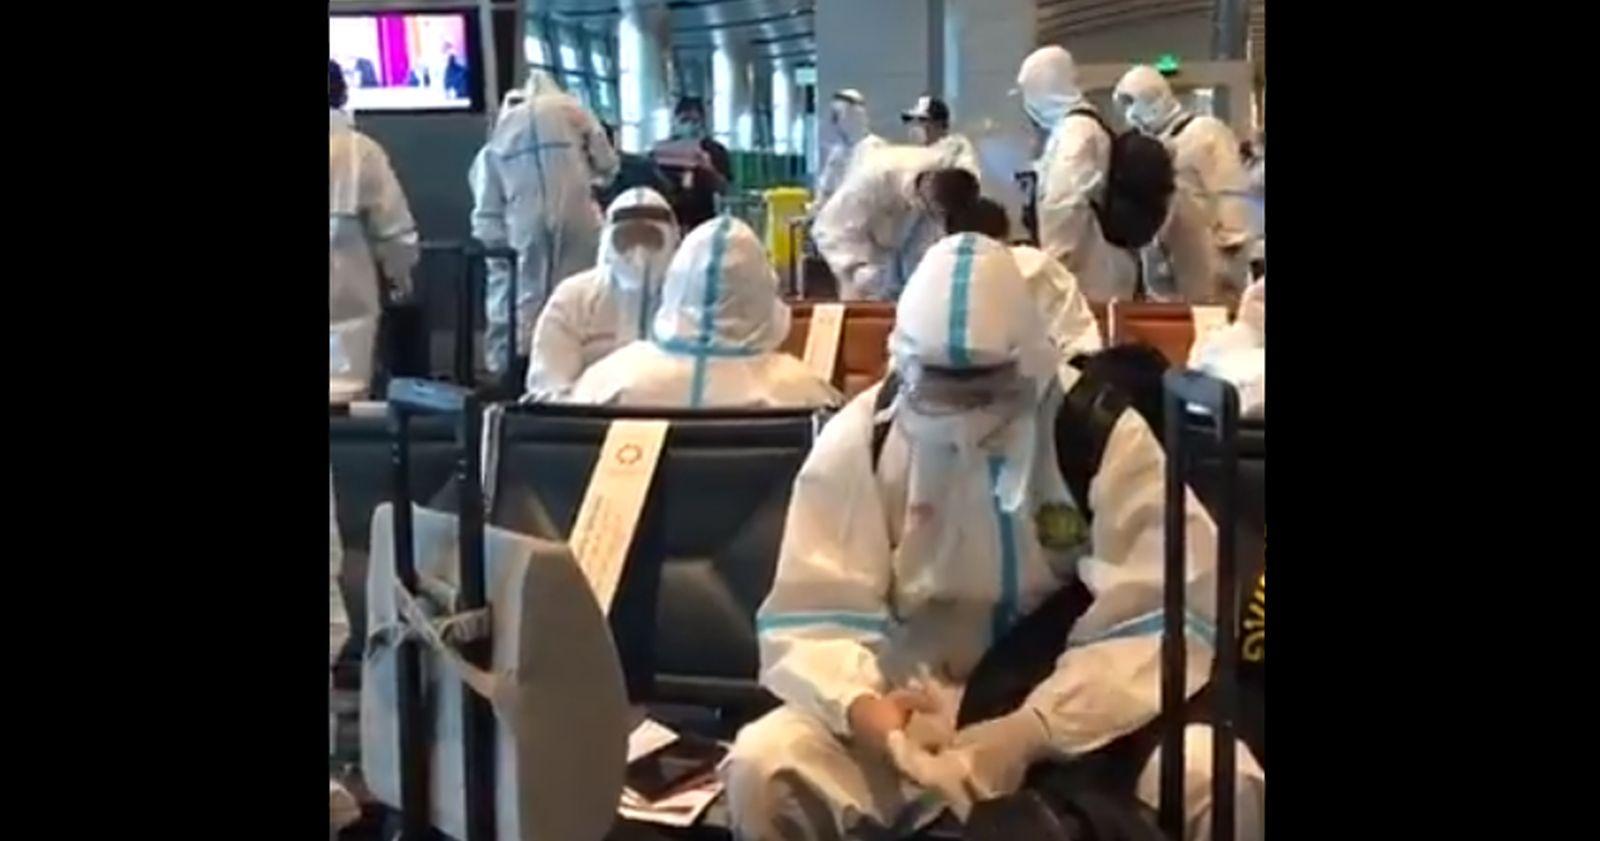 Equipo de fútbol chino viajó con trajes de protección para evitar los contagios